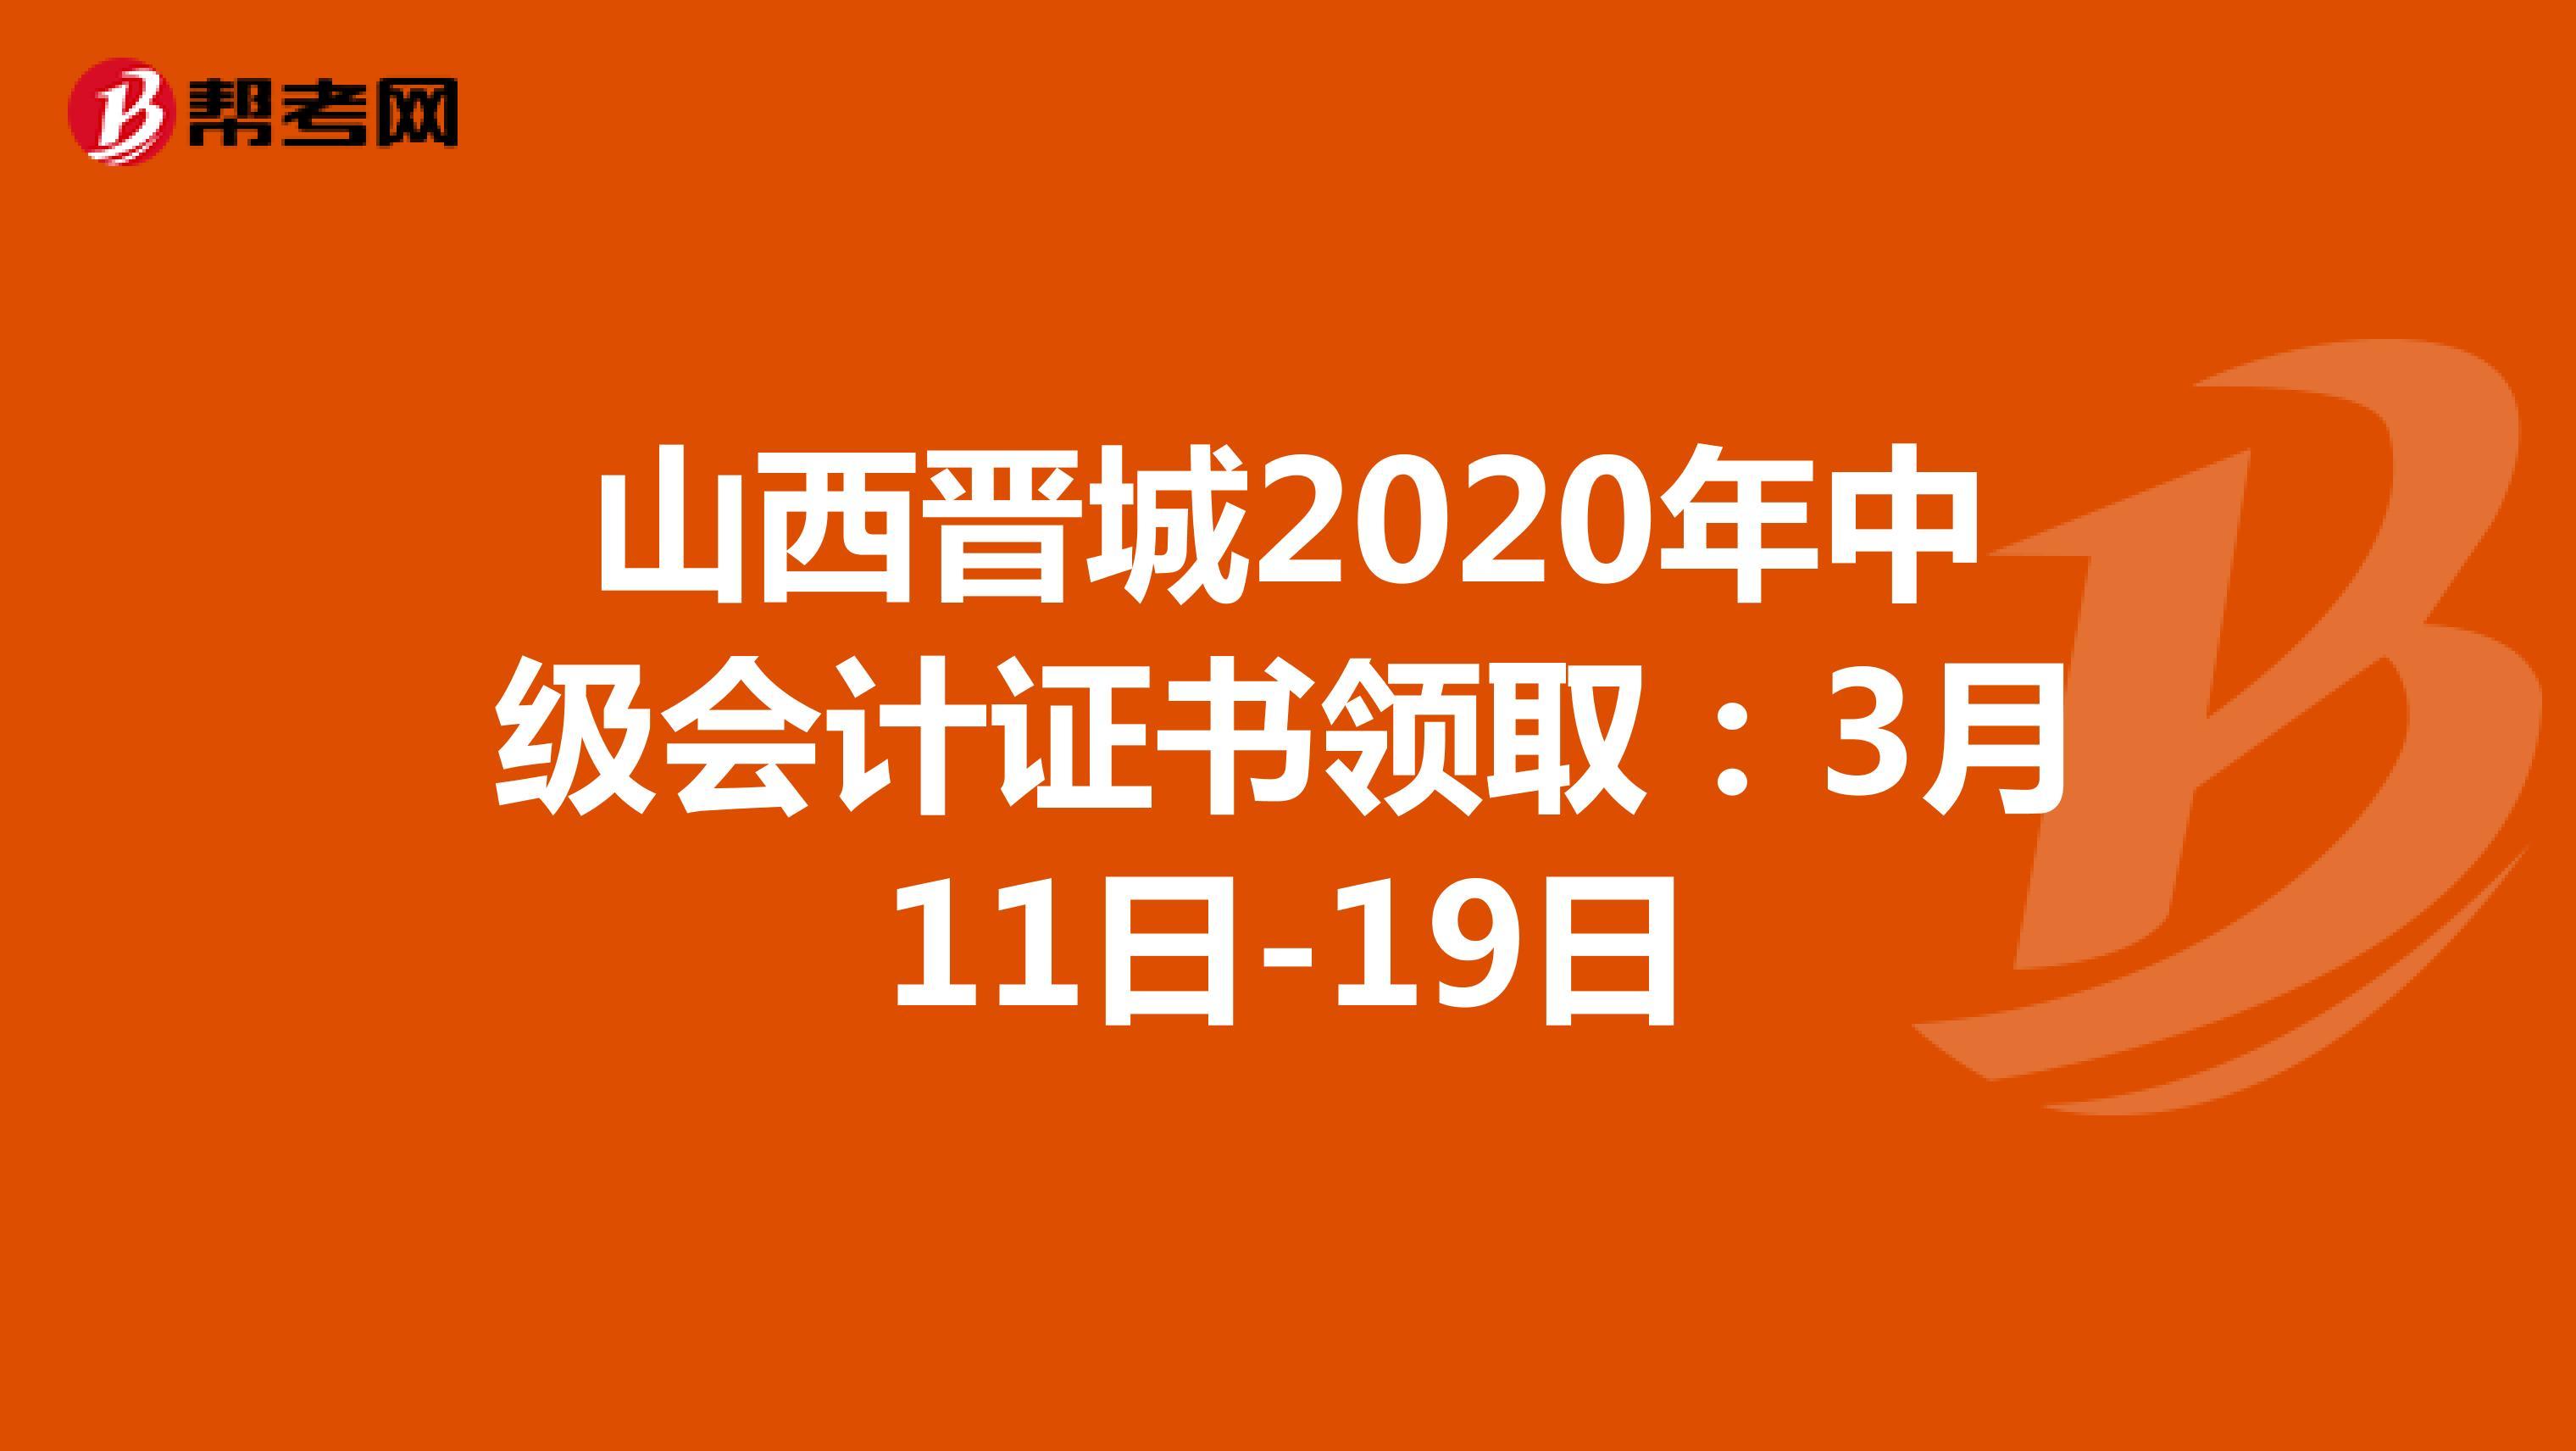 山西晉城2020年中級會計證書領?。?月11日-19日